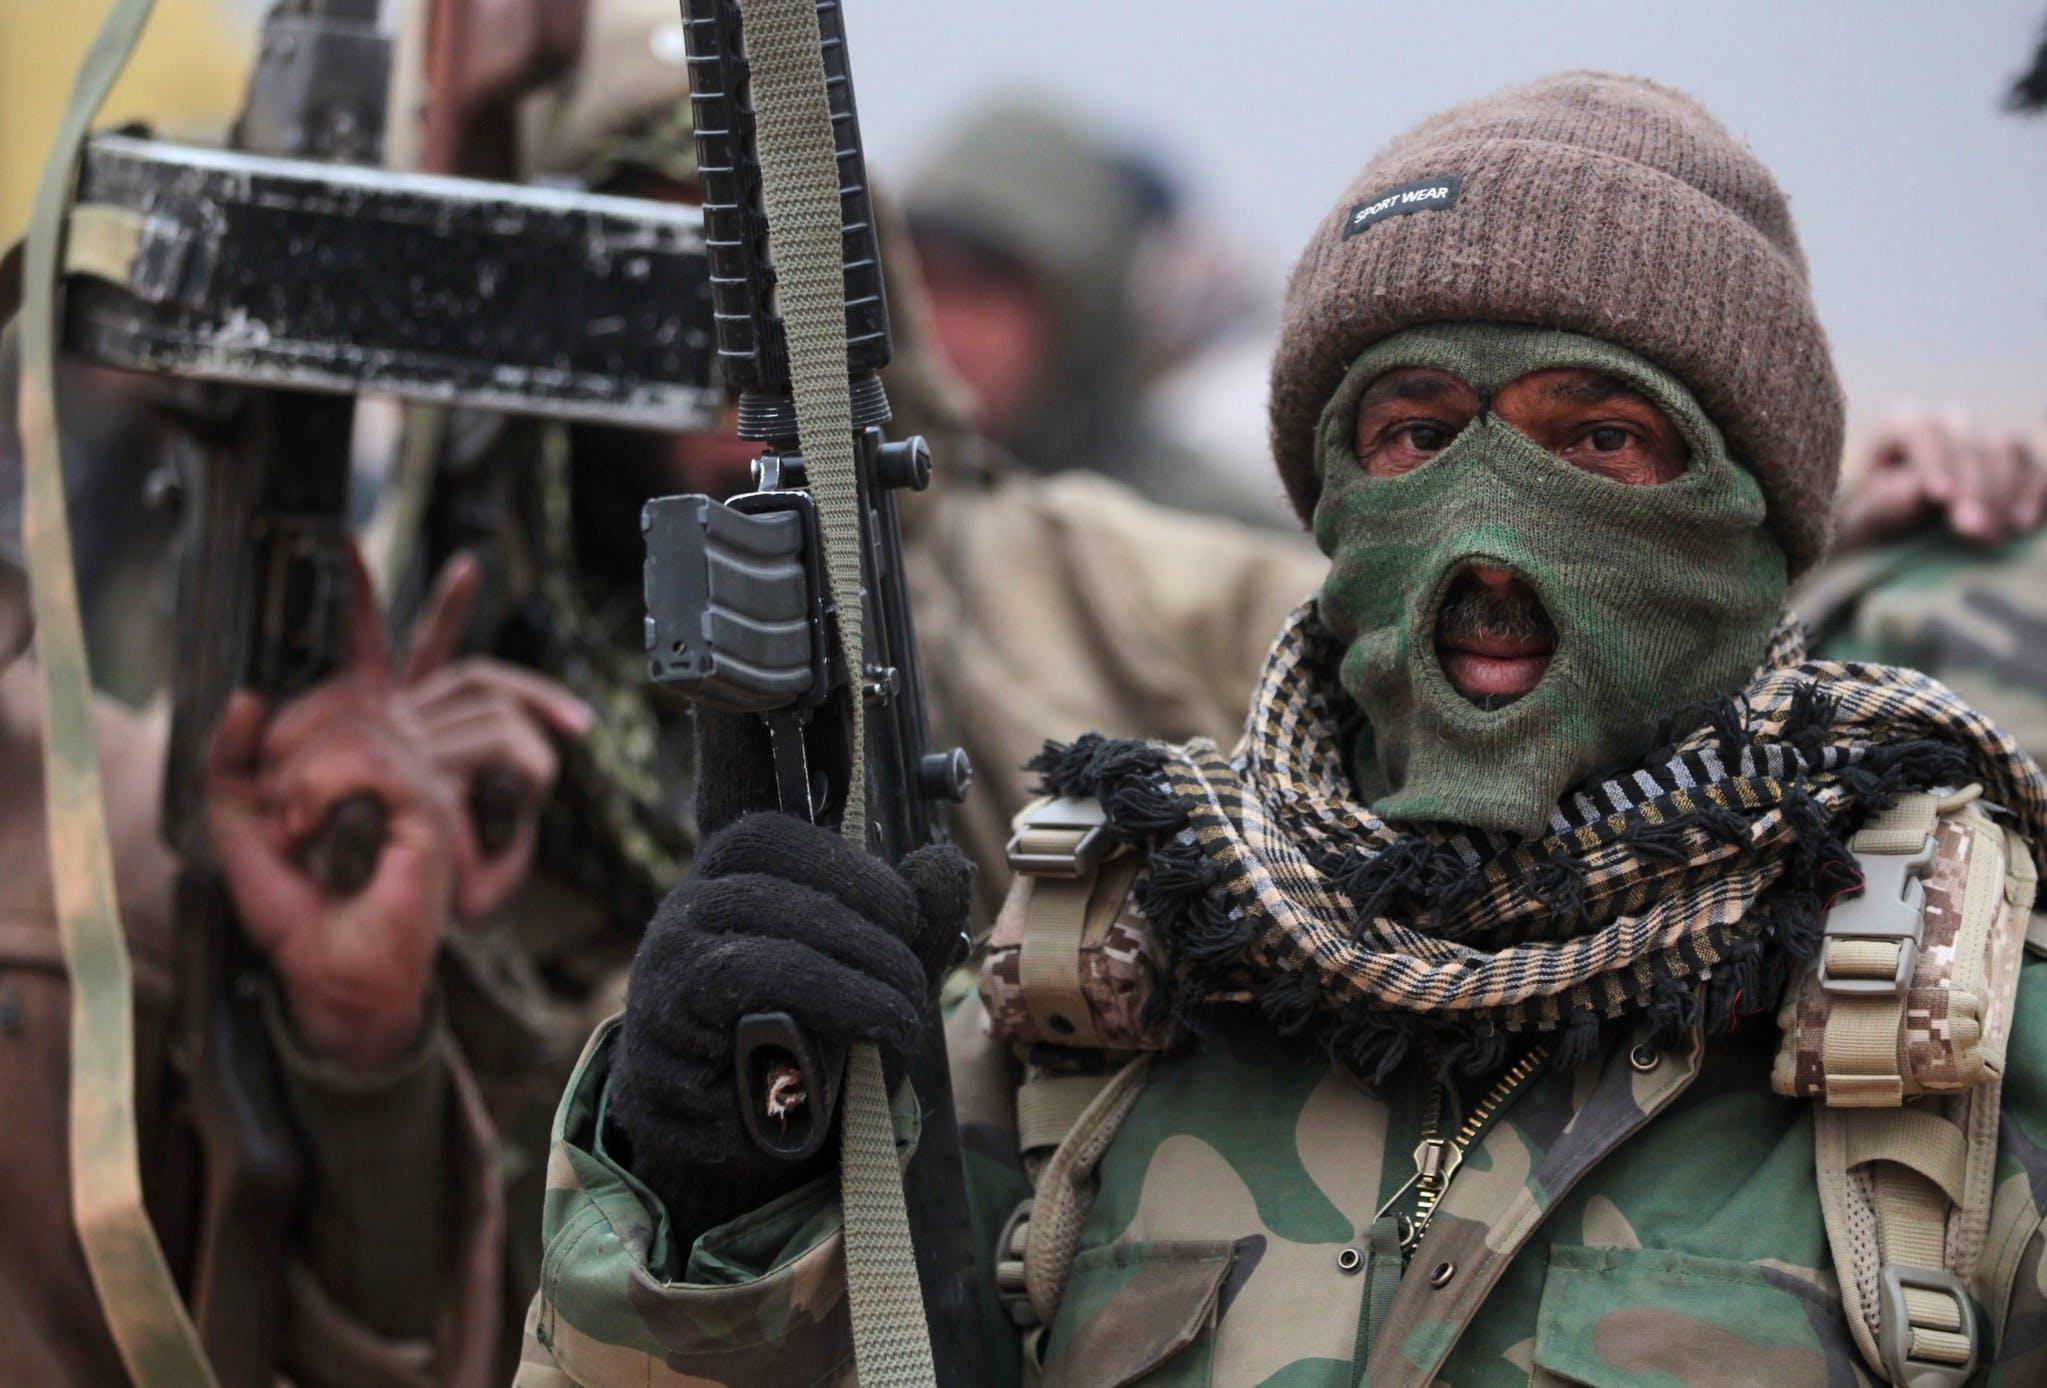 Milicien d'al-Shaabi, une des milices chiites en Irak  © AFP/Getty Images